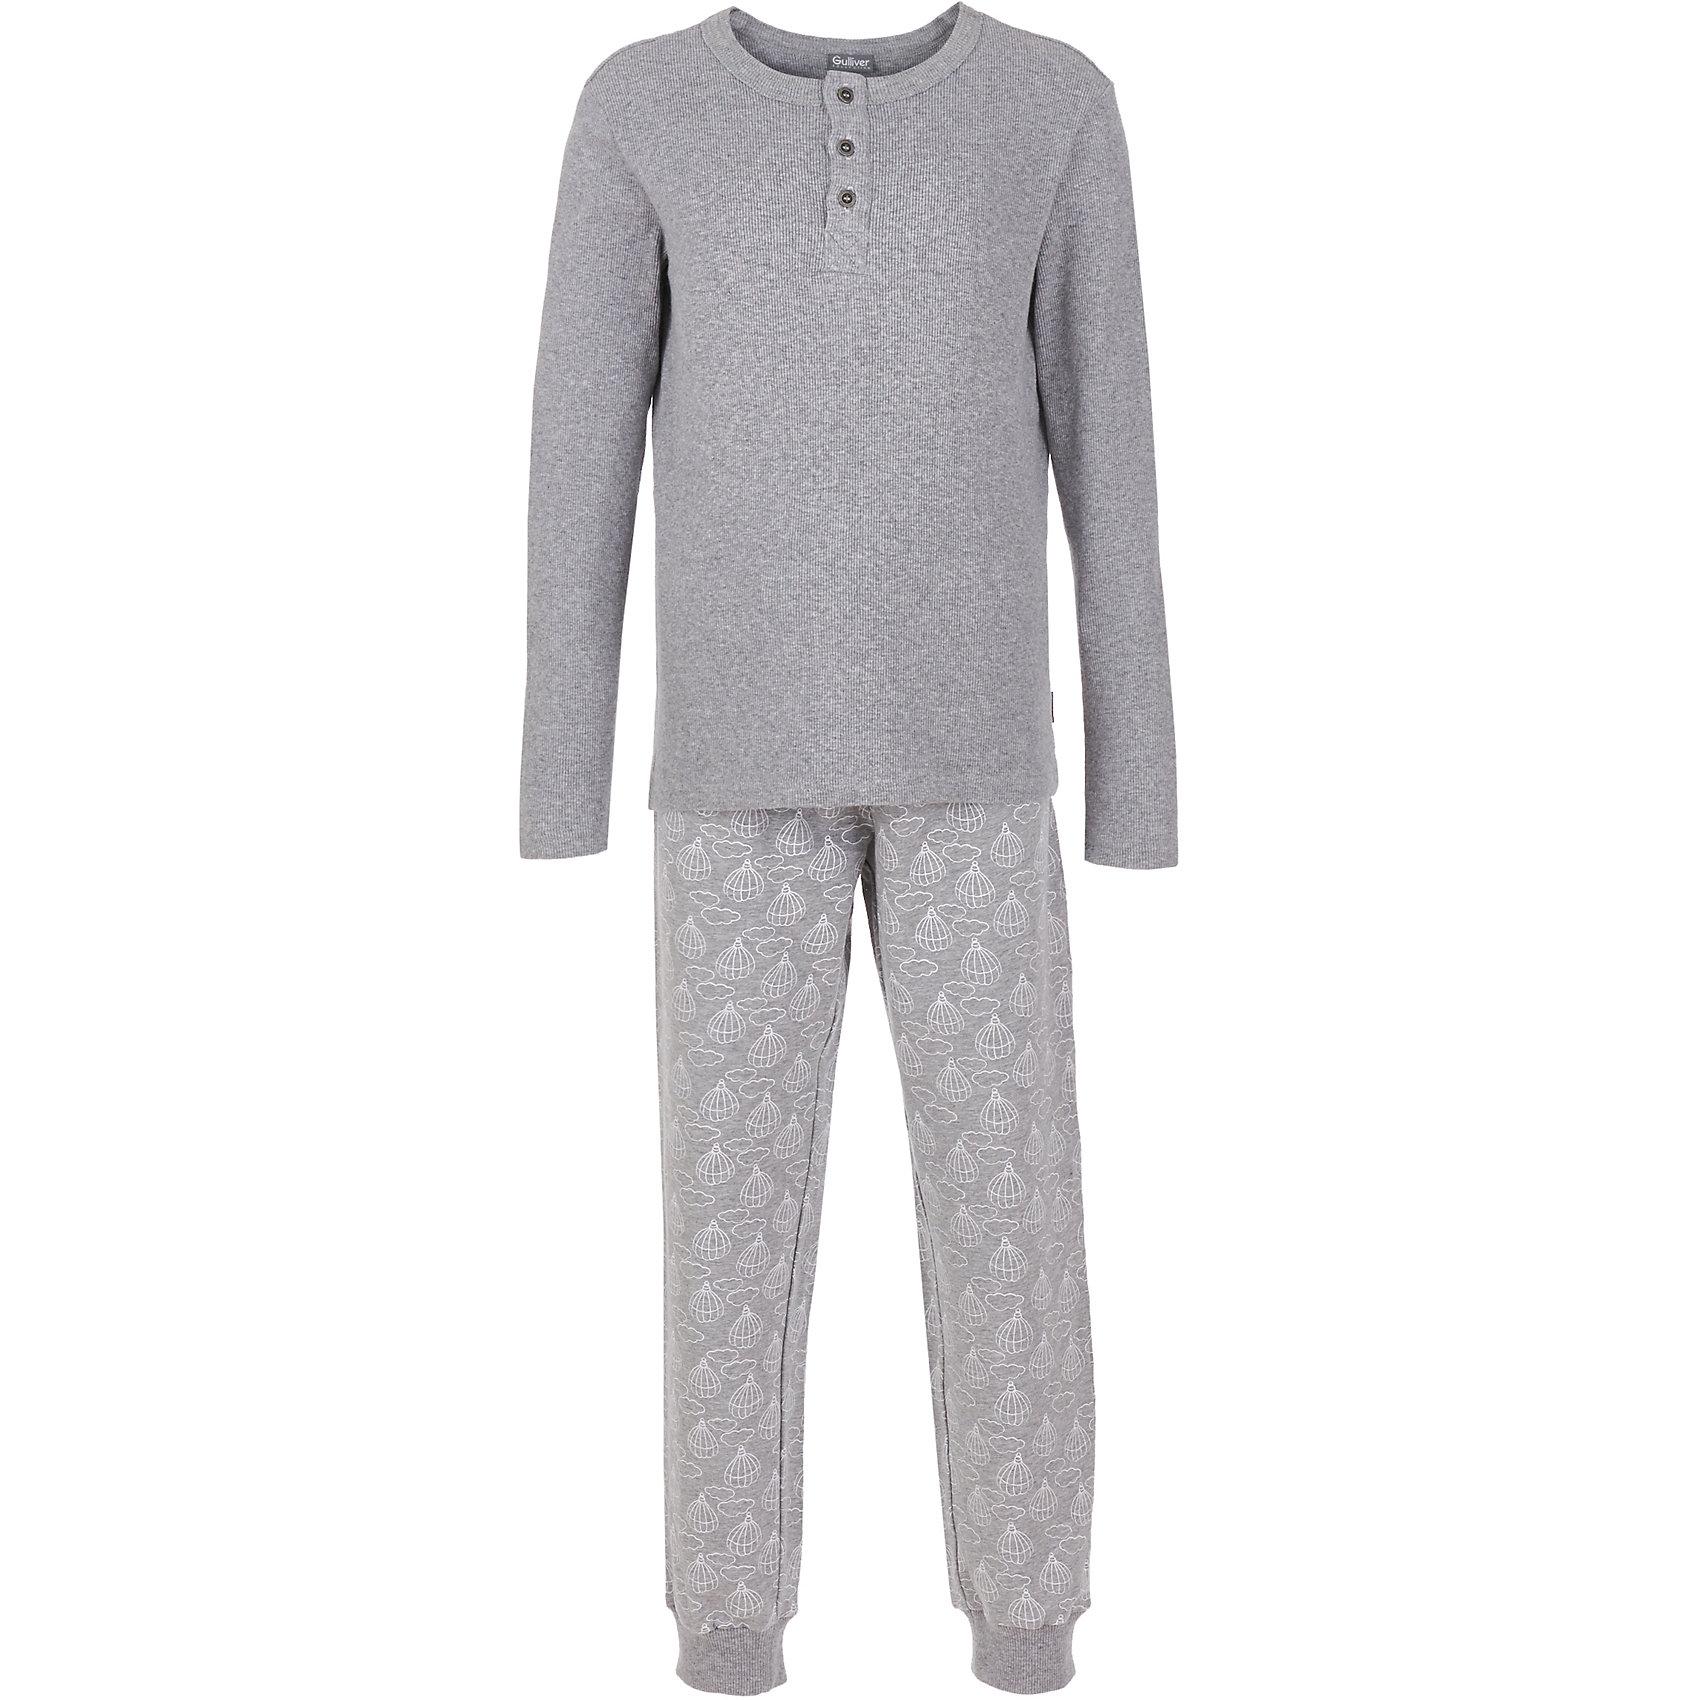 Пижама Gulliver для мальчикаПижамы и сорочки<br>Пижама Gulliver для мальчика<br>Белье для мальчика должно быть красивым и качественным! - учить ребенка этому важному правилу лучше не на словах, а подтверждая его своими поступками. Пижама для мальчика с оригинальным принтом - прекрасное решение для интересной вечерней сказки, комфортного сна и счастливого пробуждения. Мягкая, нежная, с ненавязчивым мелким рисунком и изящными деталями, детская пижама от Gulliver подчеркнет уютную домашнюю атмосферу и создаст отличное настроение.<br>Состав:<br>Футболка: 97% хлопок 3% эластан / Брюки: 95% хлопок 5% эластан<br><br>Ширина мм: 281<br>Глубина мм: 70<br>Высота мм: 188<br>Вес г: 295<br>Цвет: серый<br>Возраст от месяцев: 120<br>Возраст до месяцев: 132<br>Пол: Мужской<br>Возраст: Детский<br>Размер: 146,158,98,110,122,134<br>SKU: 7078127